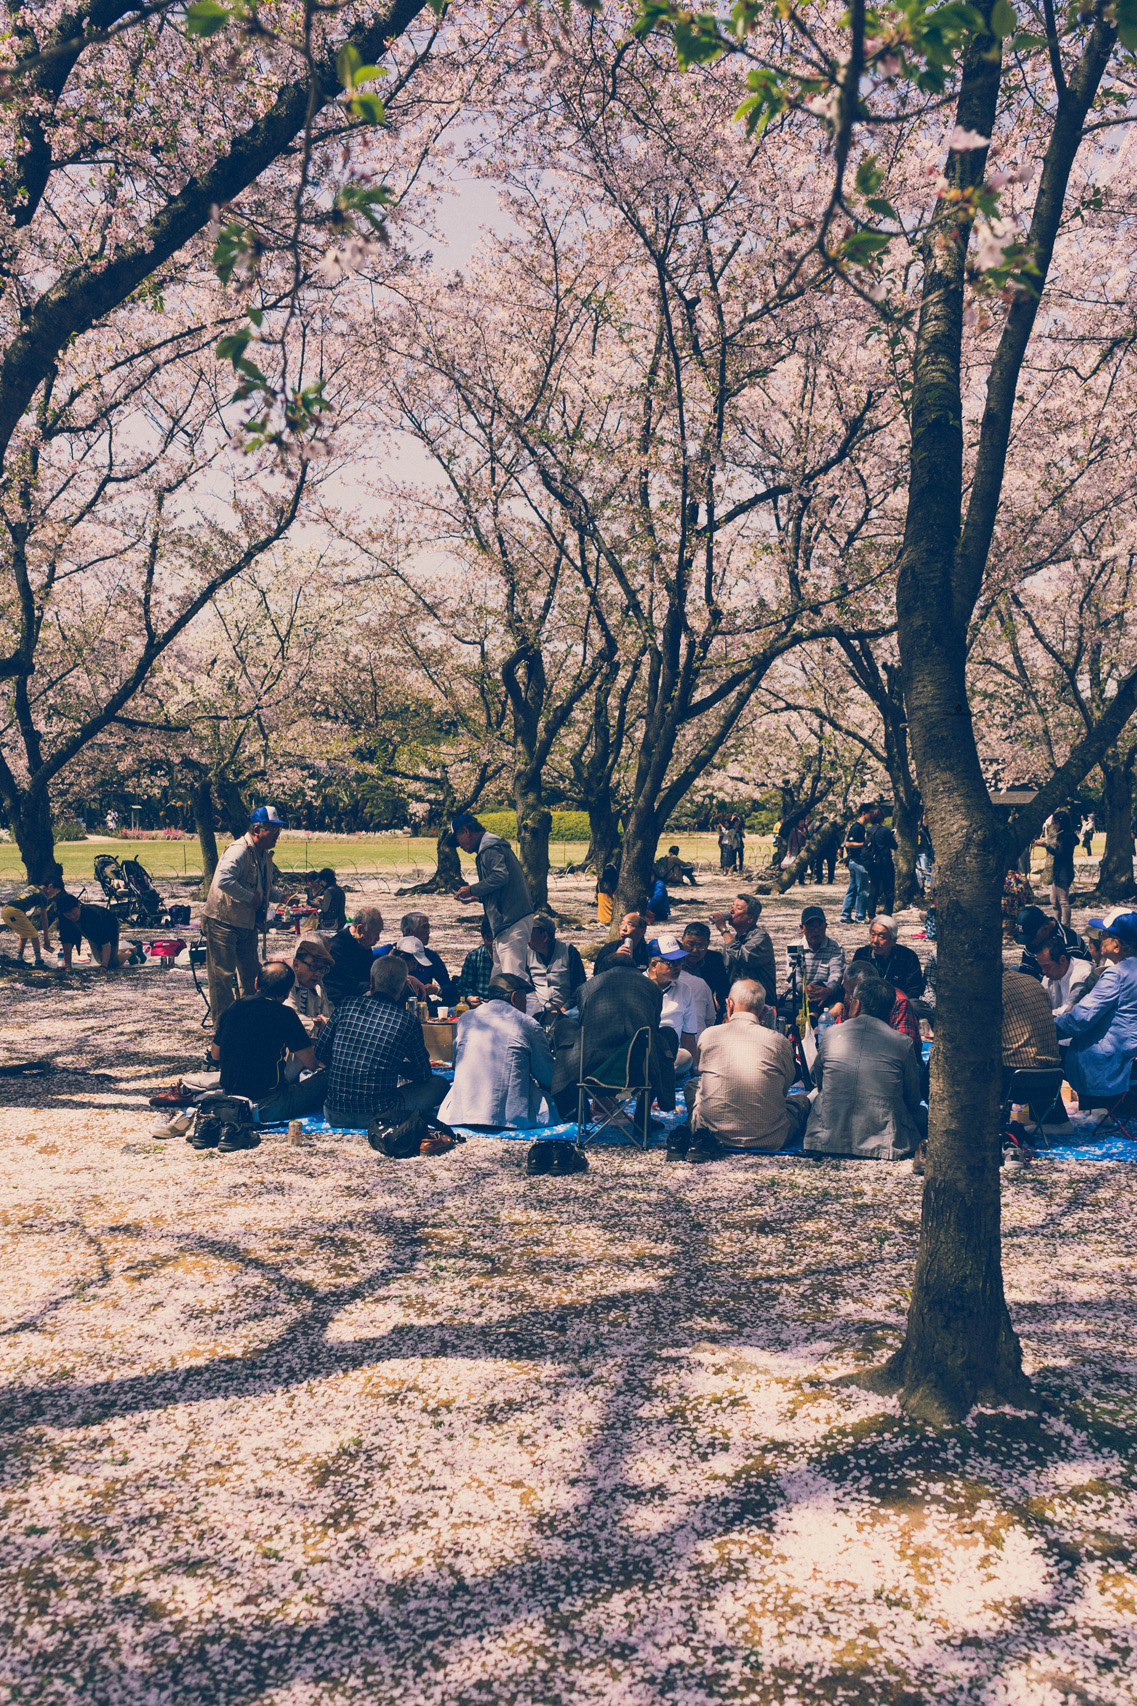 Picnic in Korakuen park, Okayama